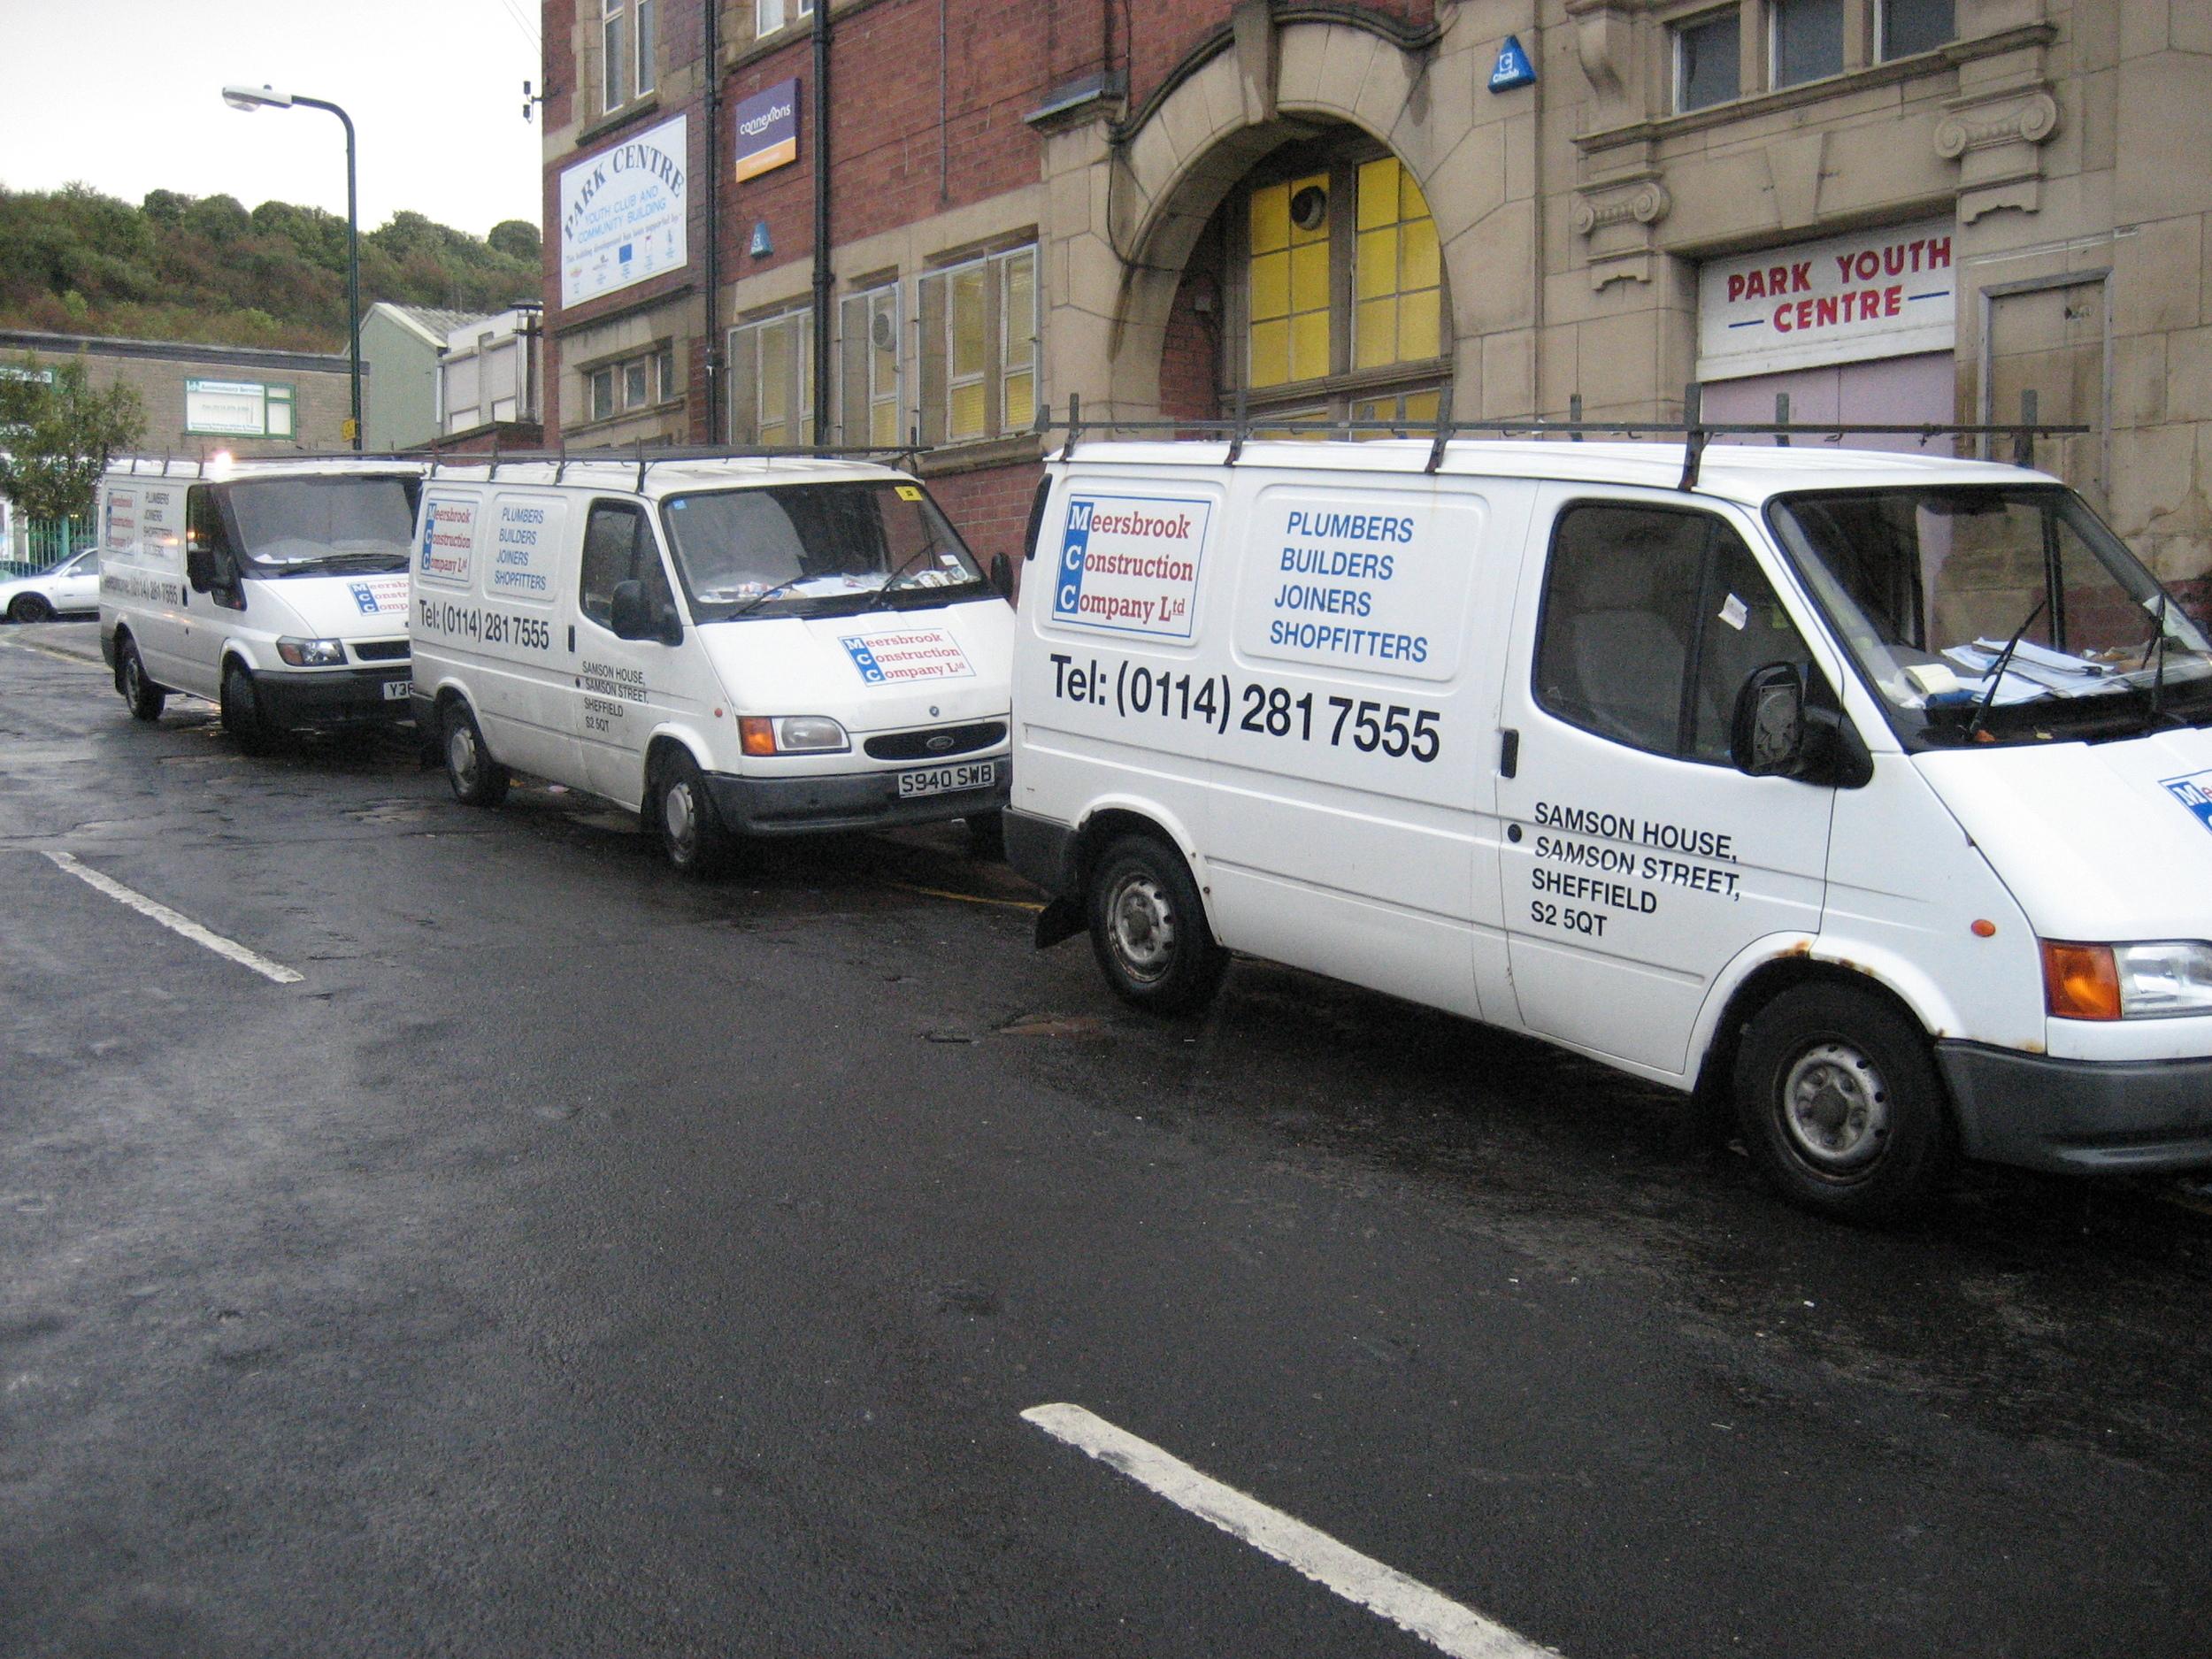 A number of Meersbrook Construction Company Ltd vans